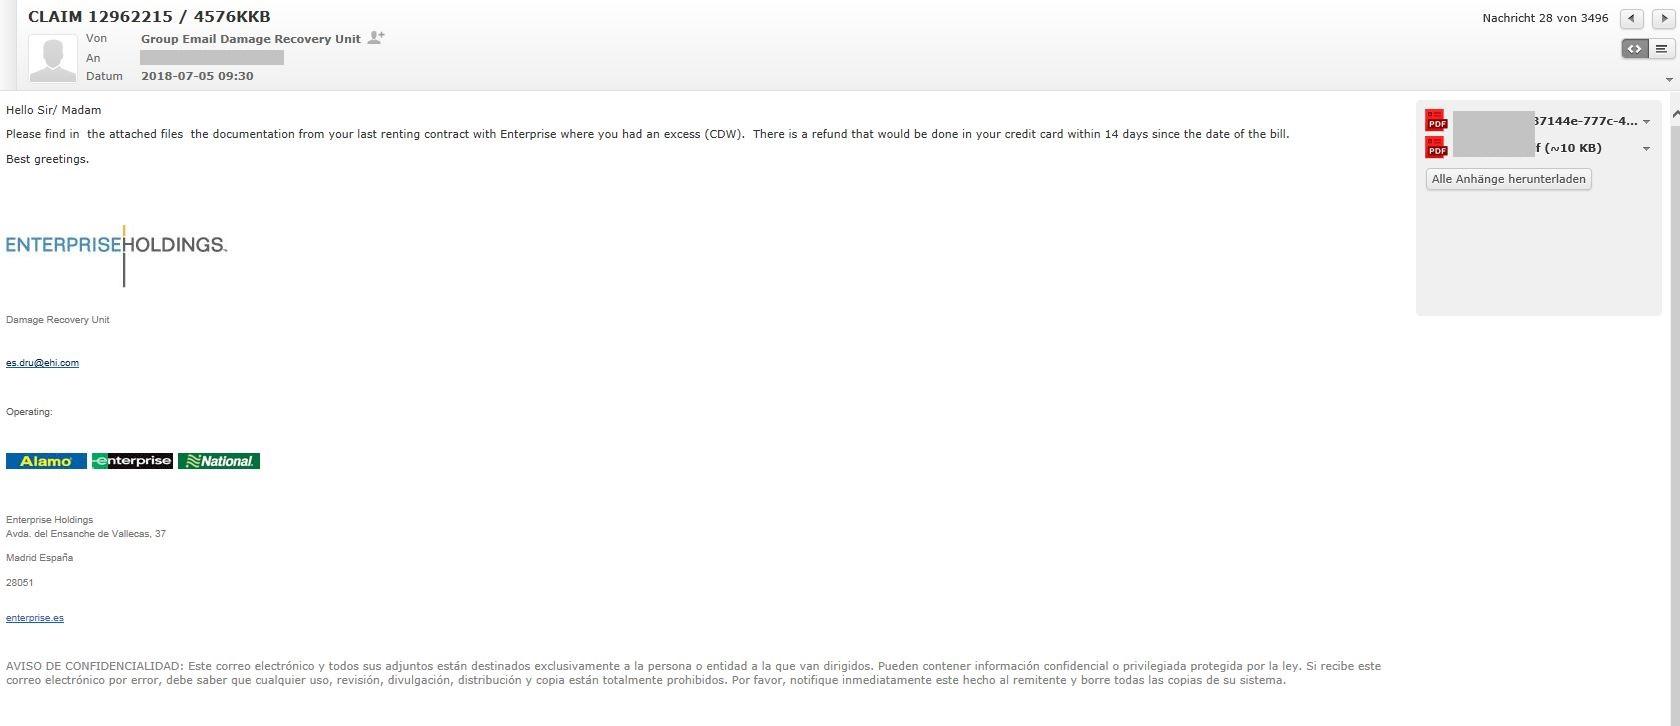 Ist das Spam oder soll das weg? Email von Enterprise.